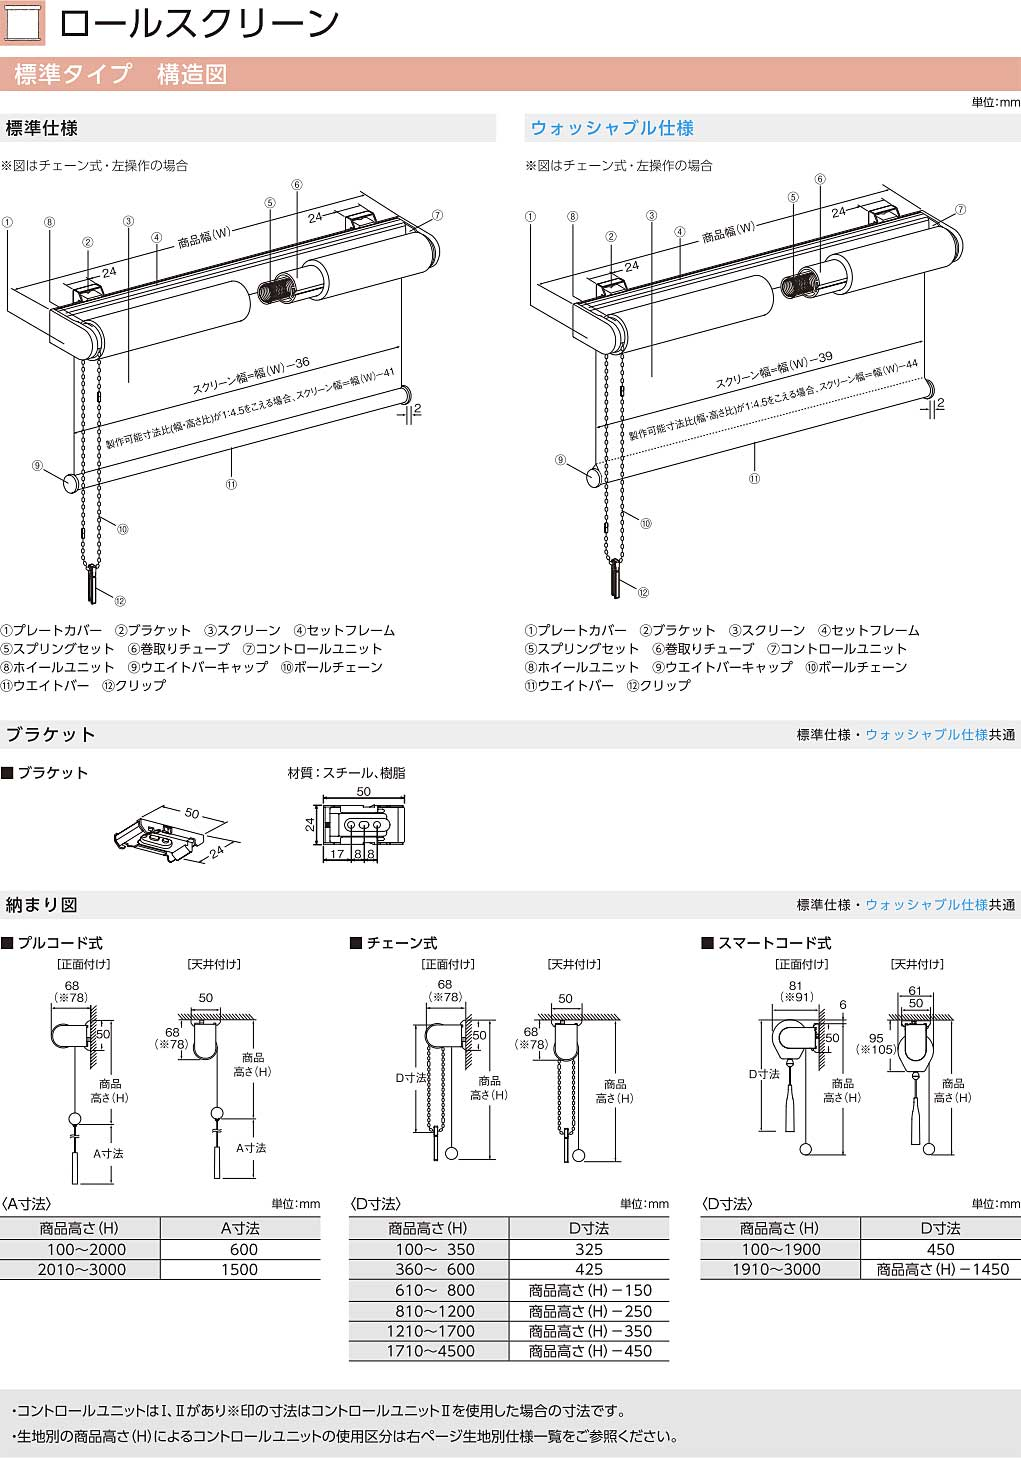 ニチベイ ロールスクリーン 標準タイプ構造図